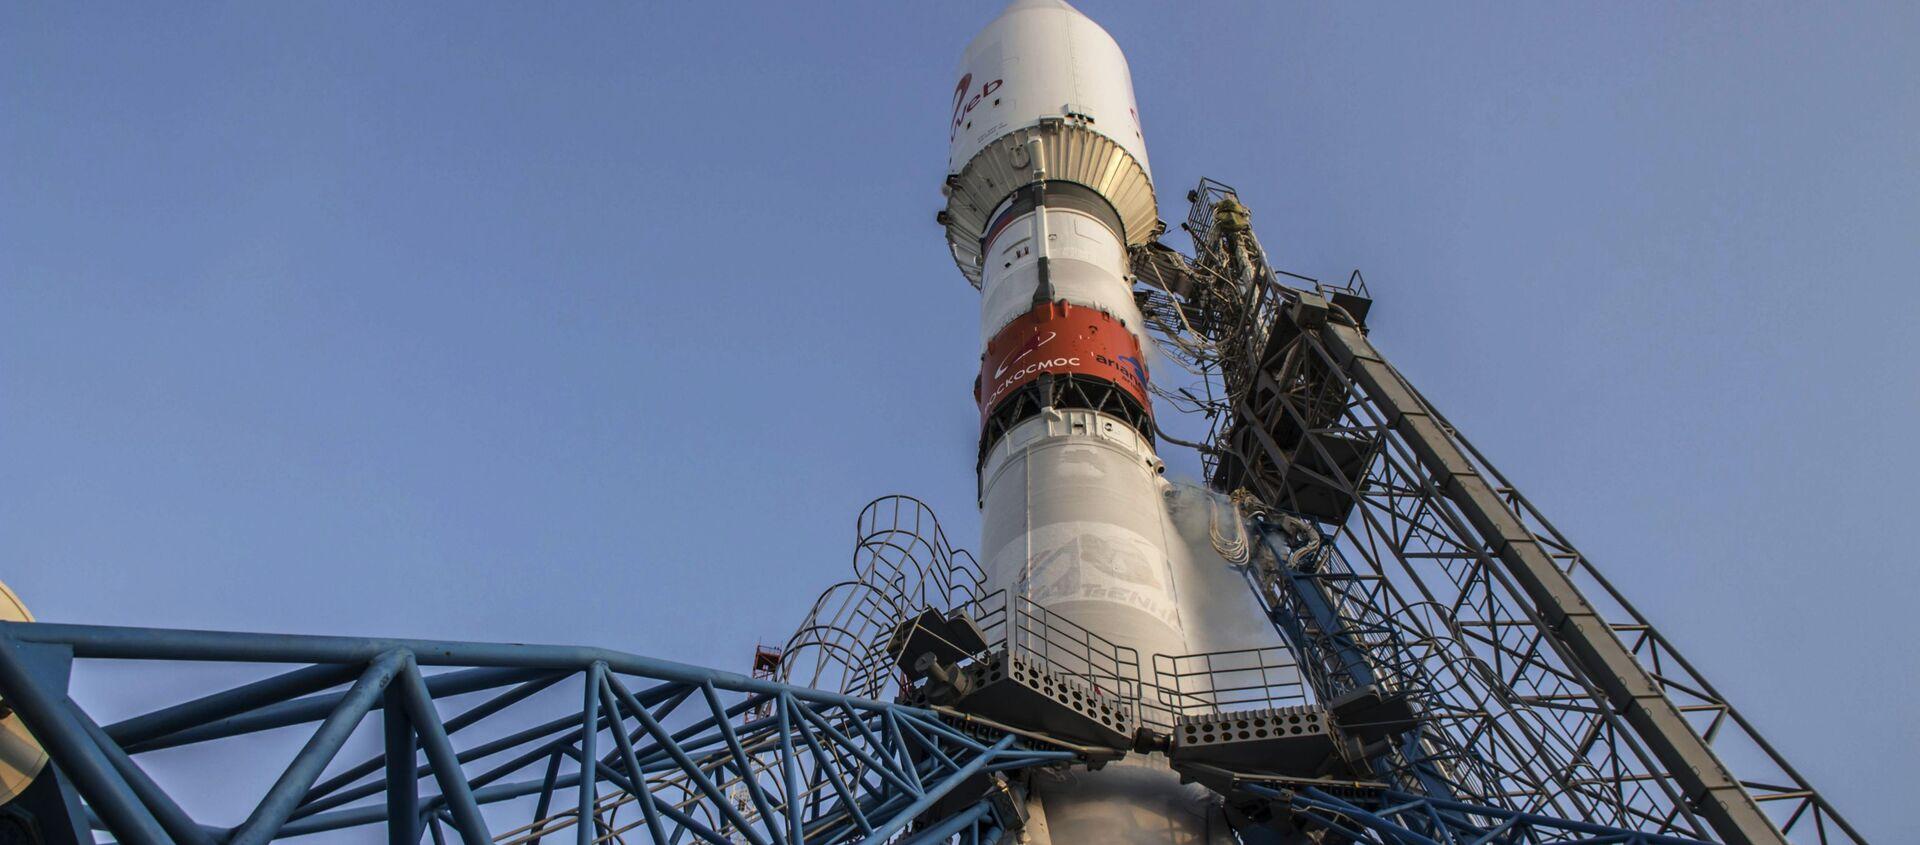 宇宙旅行者、イーロン・マスク氏の宇宙船ではなく、ロシアの「ソユーズ」宇宙船を選ぶ 技術の信頼性を理由に - Sputnik 日本, 1920, 27.09.2021